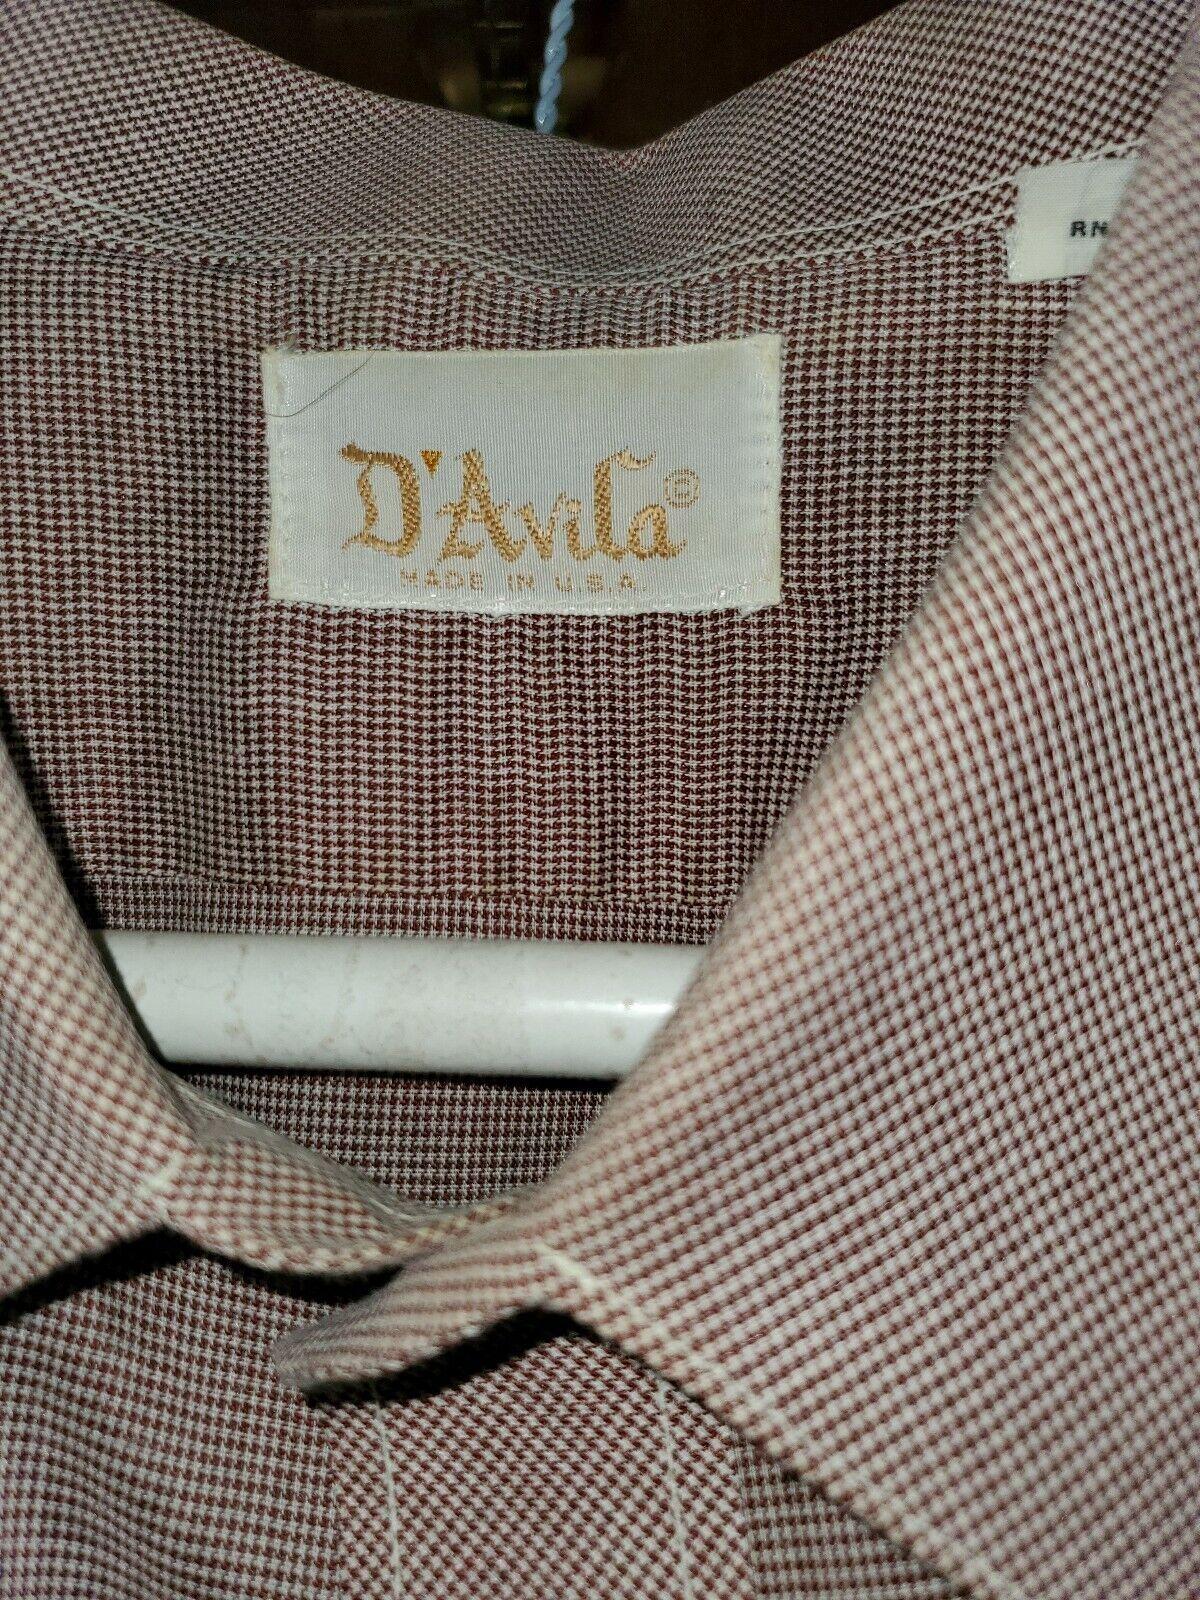 Vintage men's shirt XL 60's/ 70's - image 4